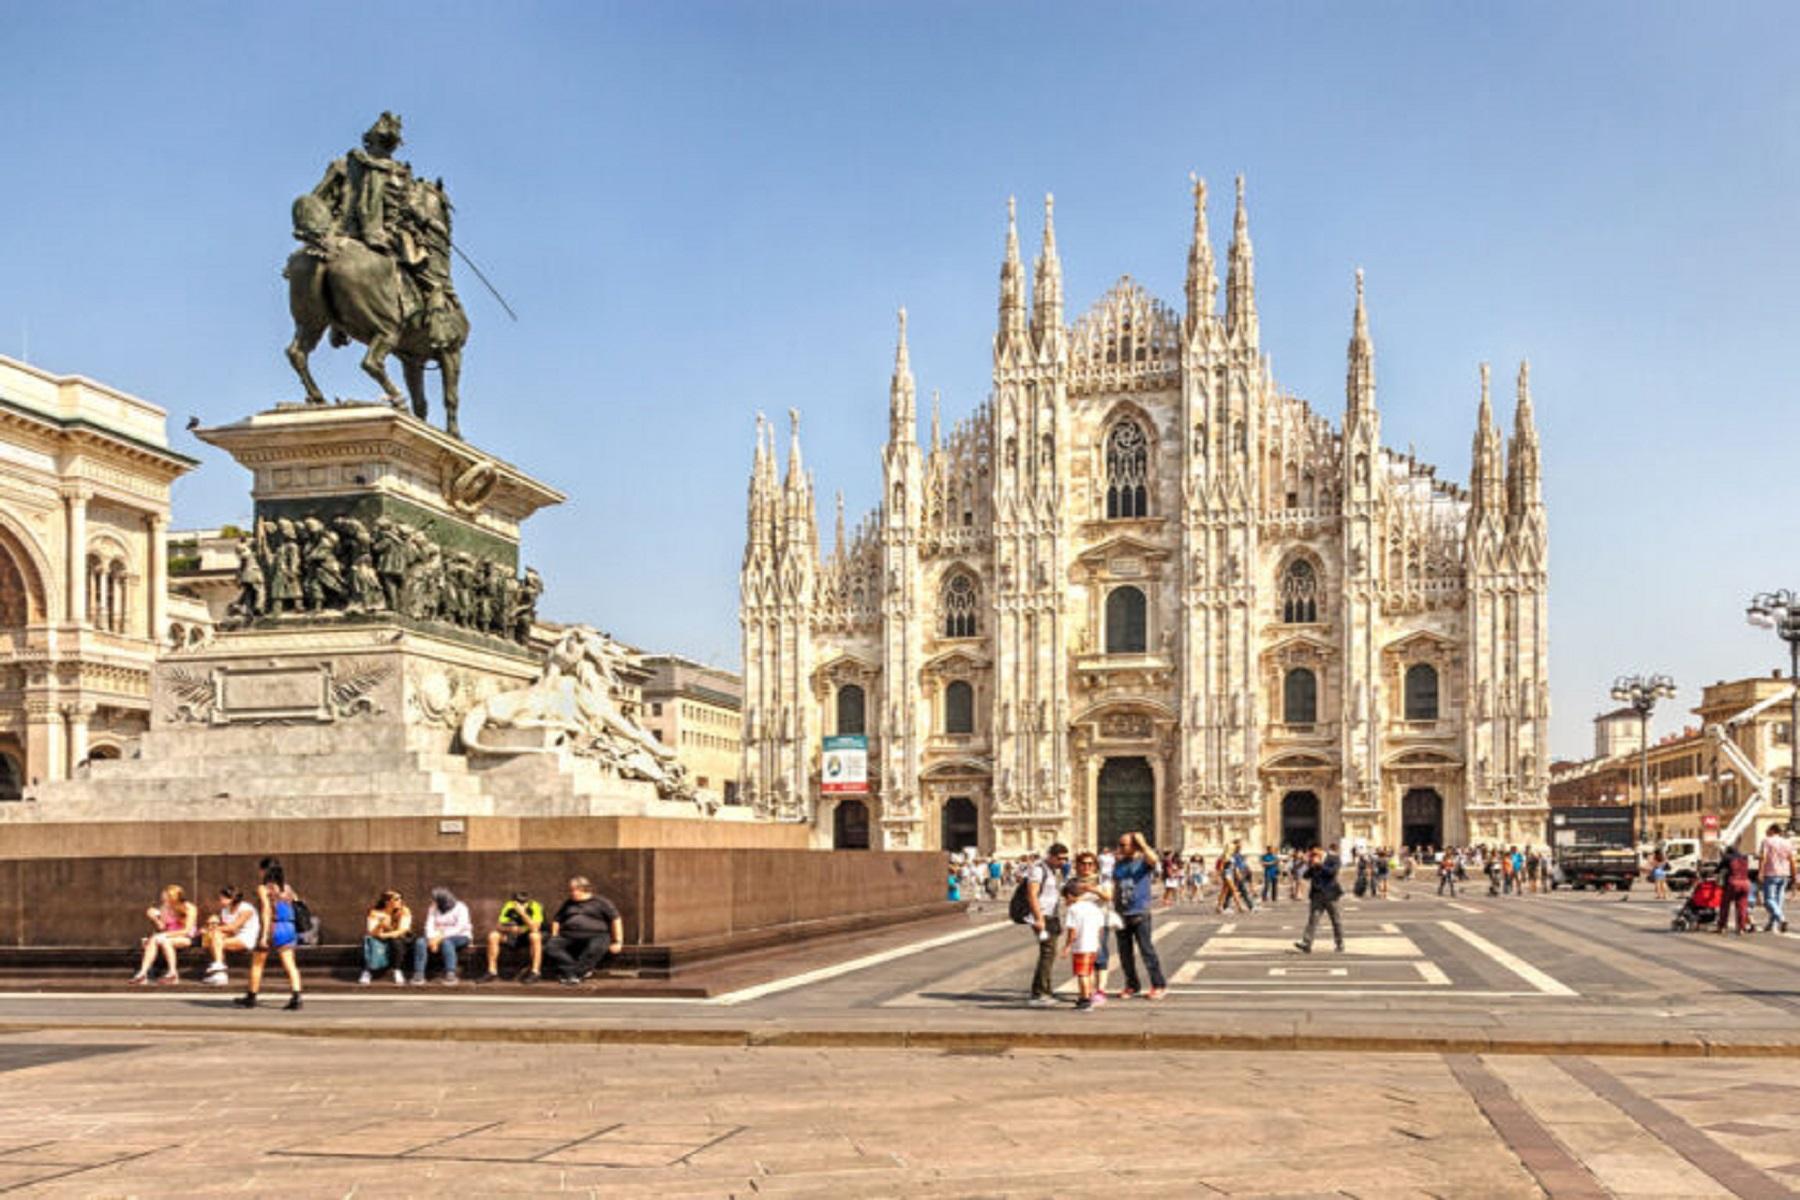 Μιλάνο Κάπνισμα: Η πρώτη ιταλική πόλη που εφαρμόζει αντικαπνιστικό νόμο σε εξωτερικούς δημόσιους χώρους